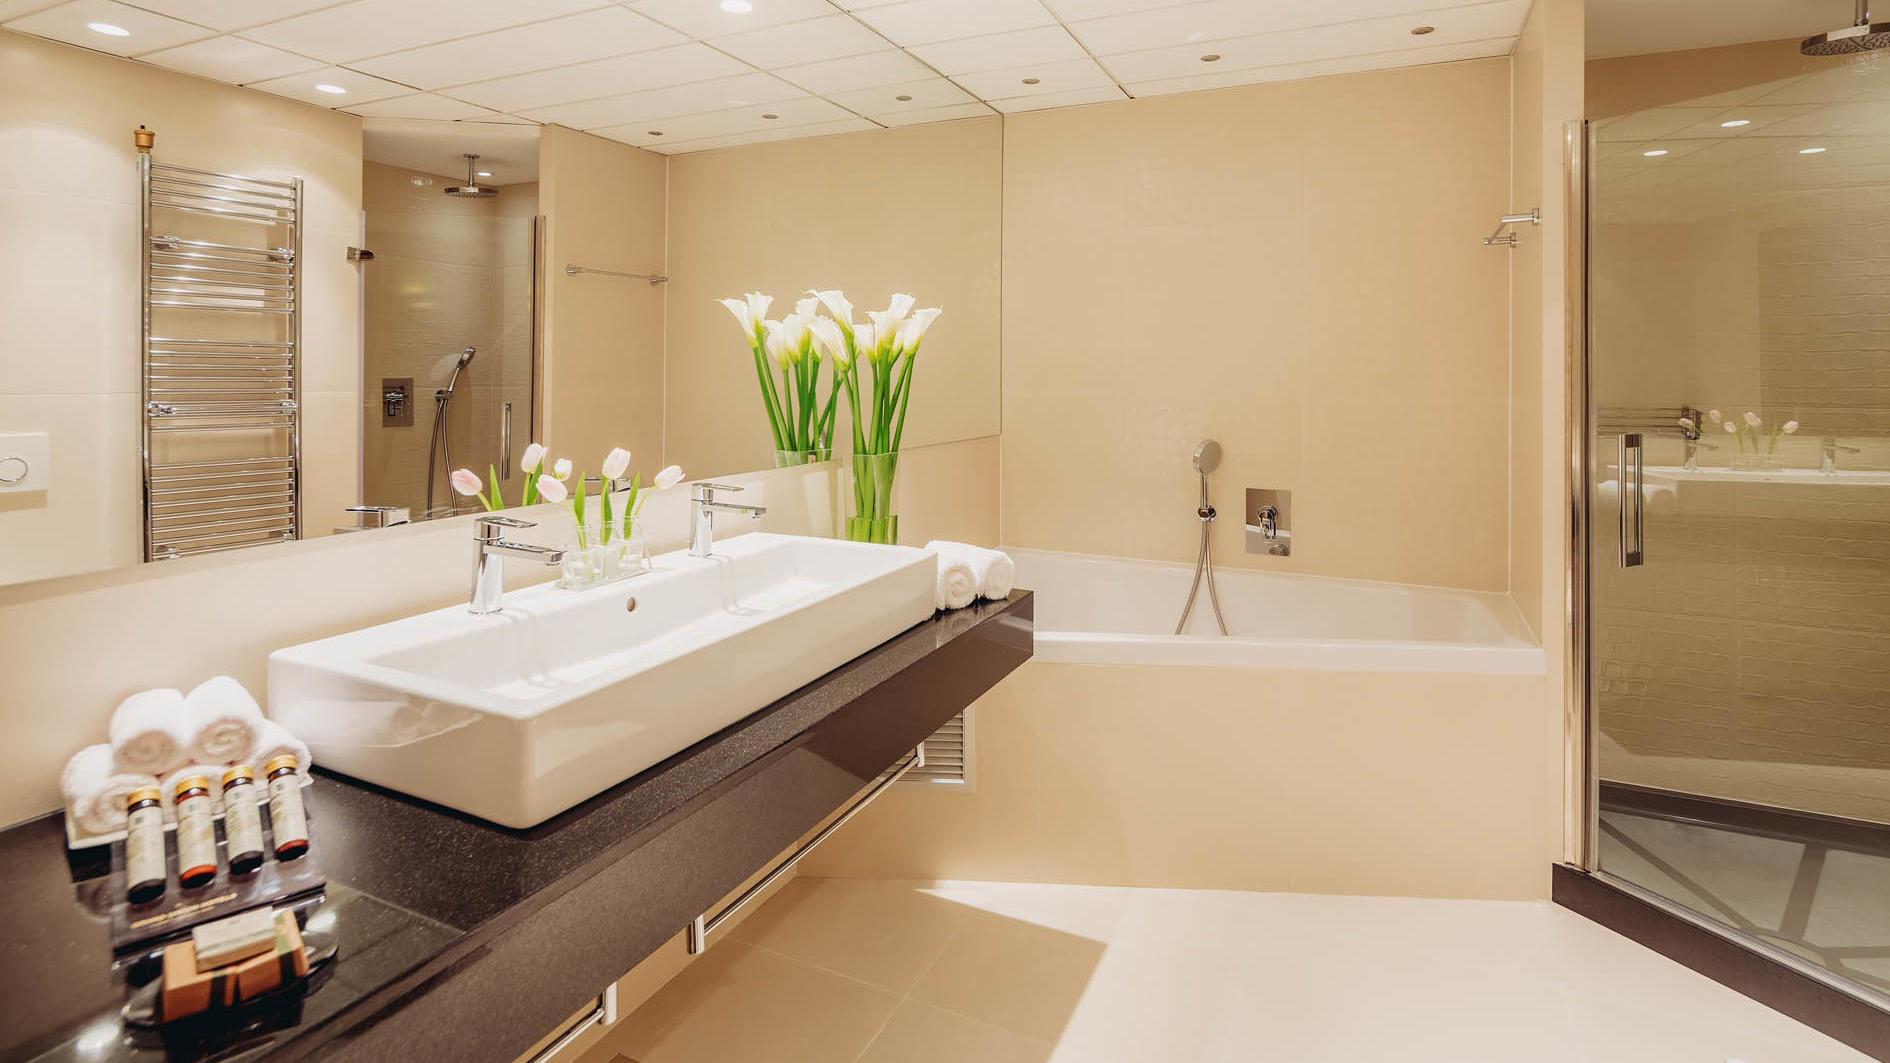 Premier One Bedroom Bathroom in uHotel in Ljubljana